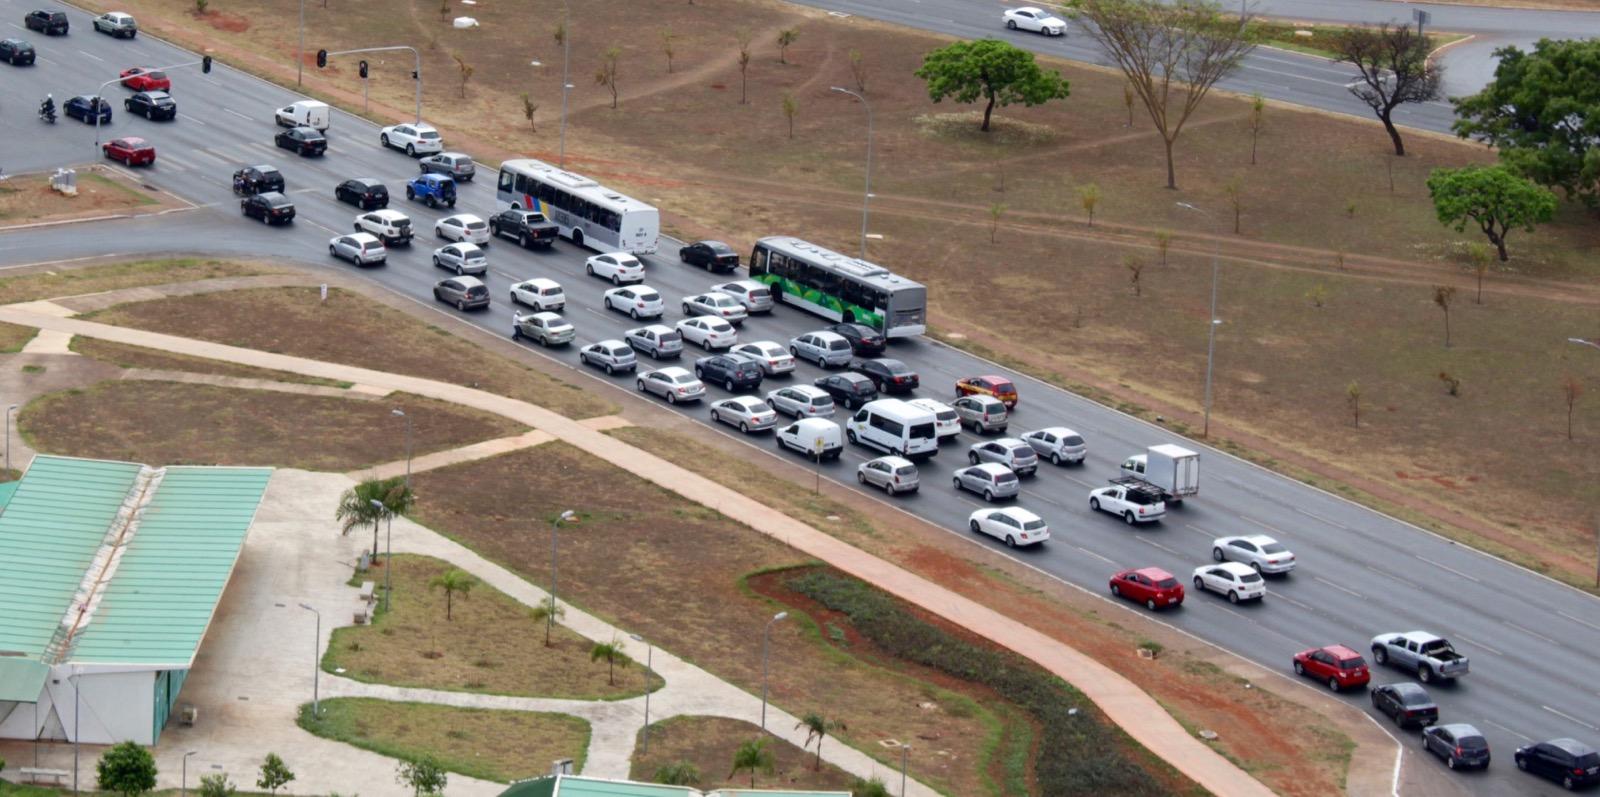 Verkehr im Stadtzentrum von Brasilia, fotografiert vom Fernsehturm.